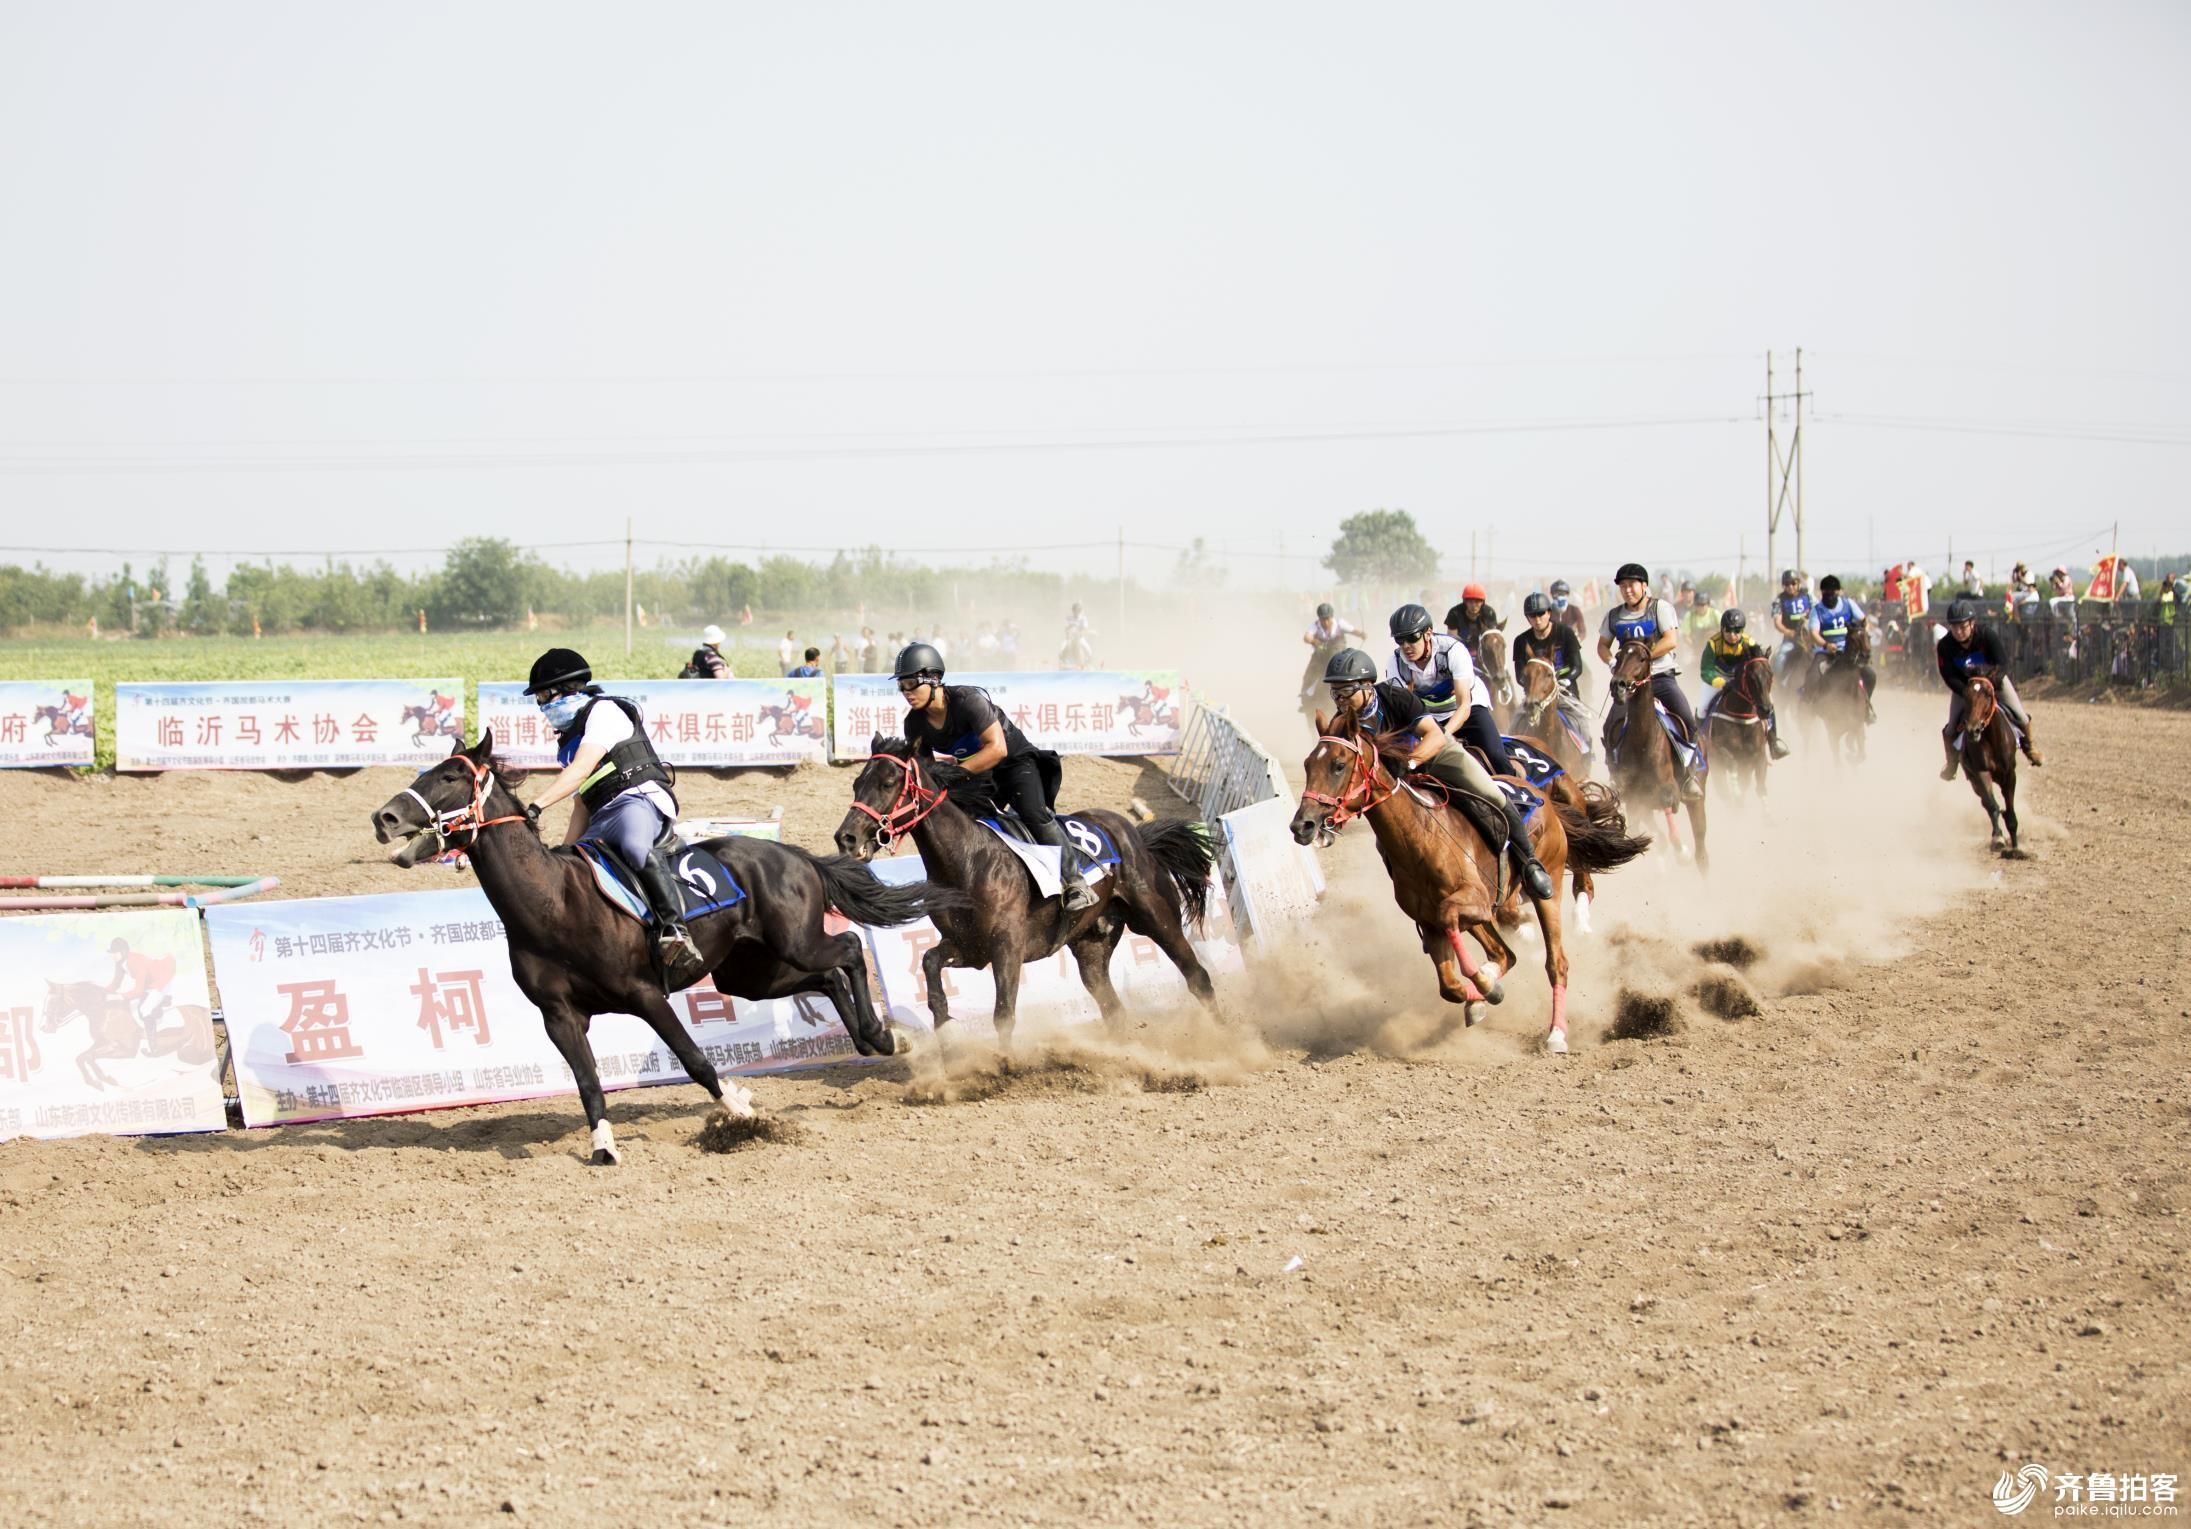 第十四届齐文化节、齐国古都马术大赛。